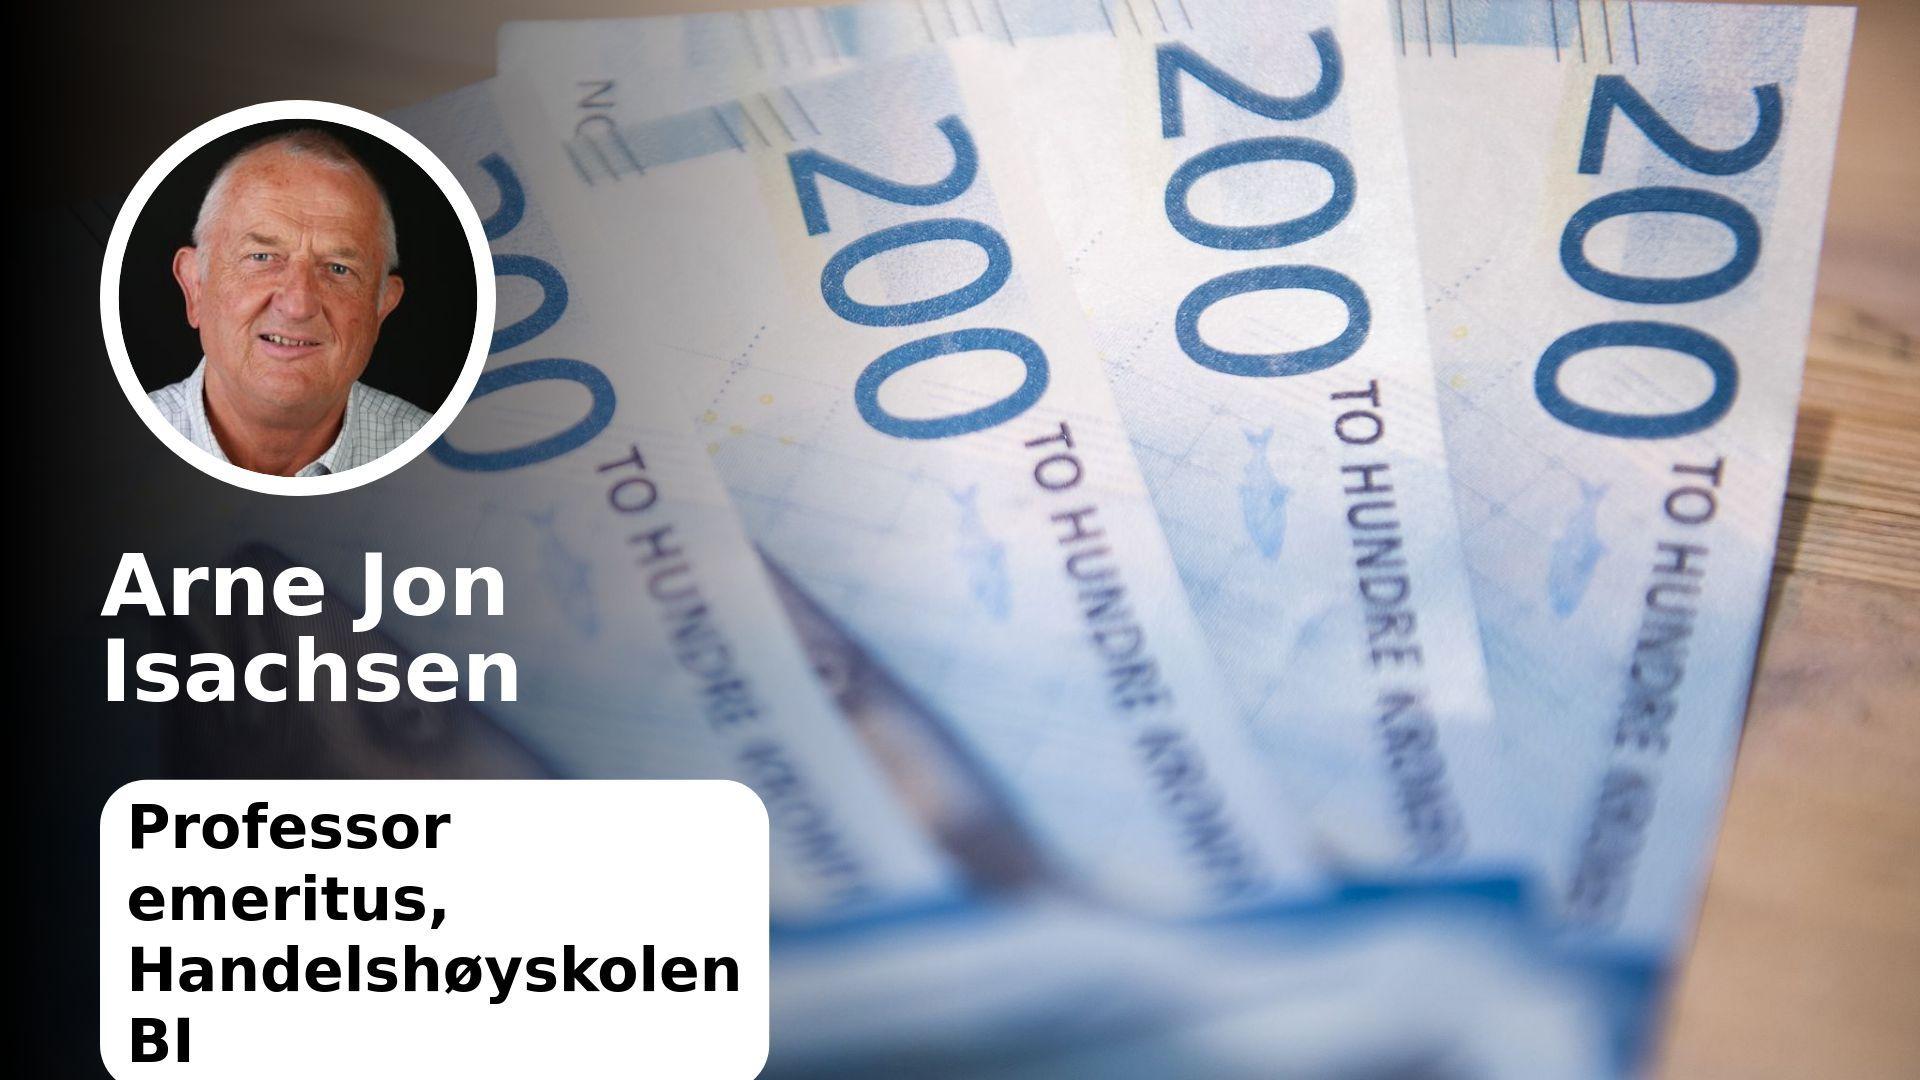 Finans Norge Vil At Oljefondet Forblir I Norges Bank Arne Jon Isachsen